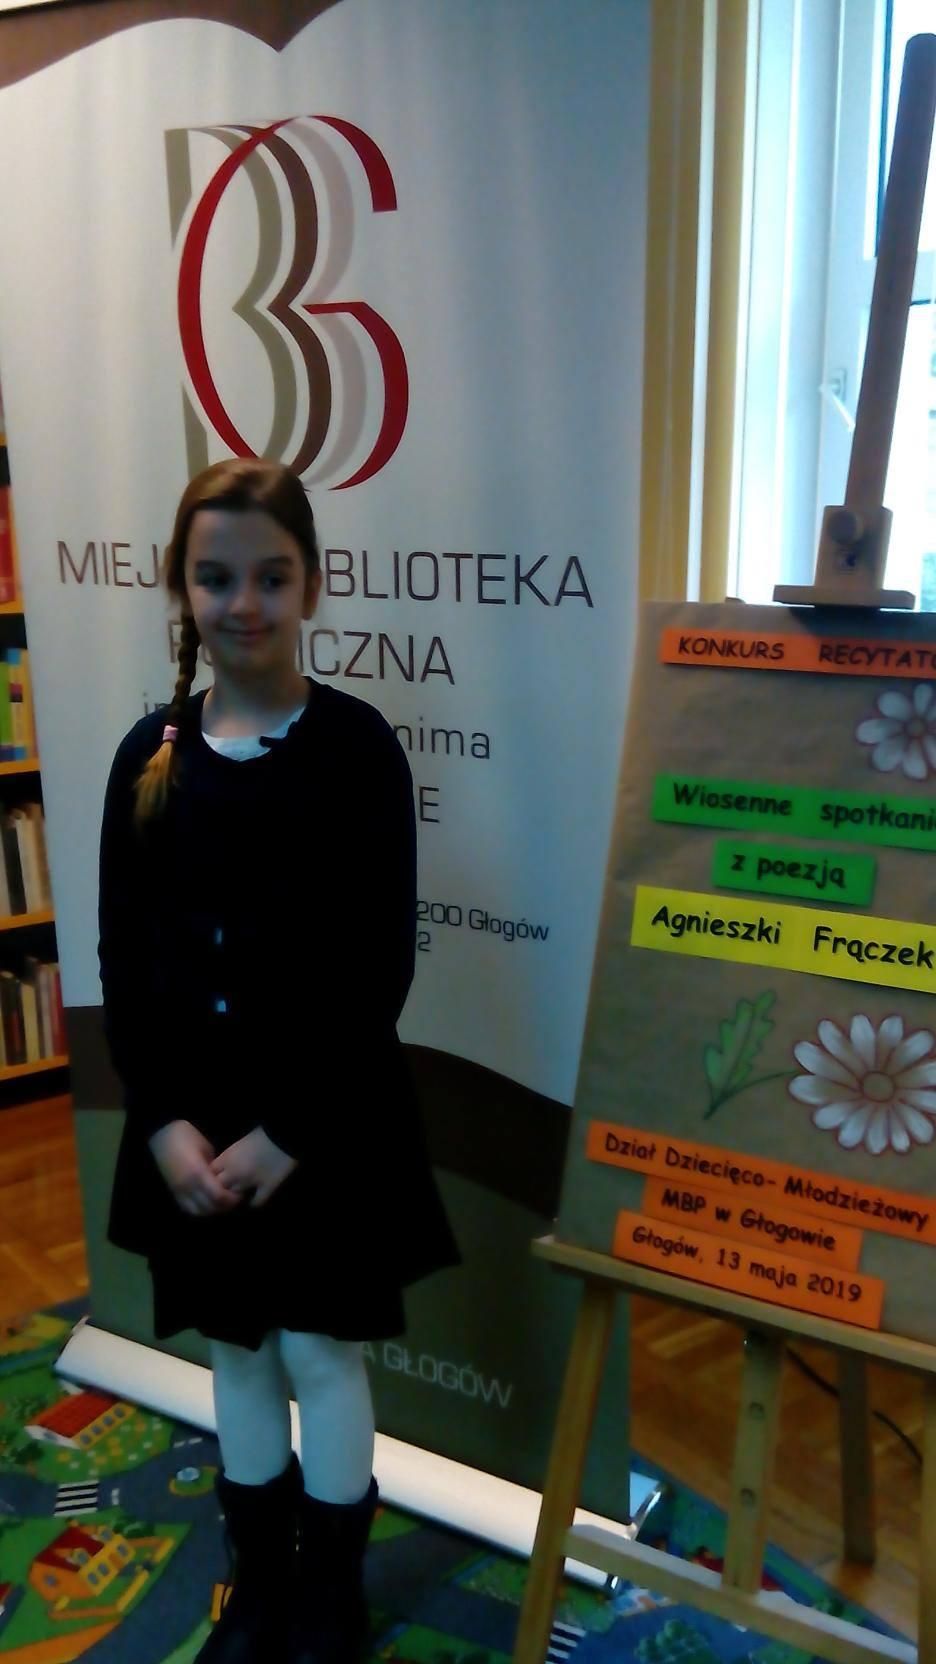 Wiosenne Spotkanie Z Poezją Agnieszki Frączek Szkoła